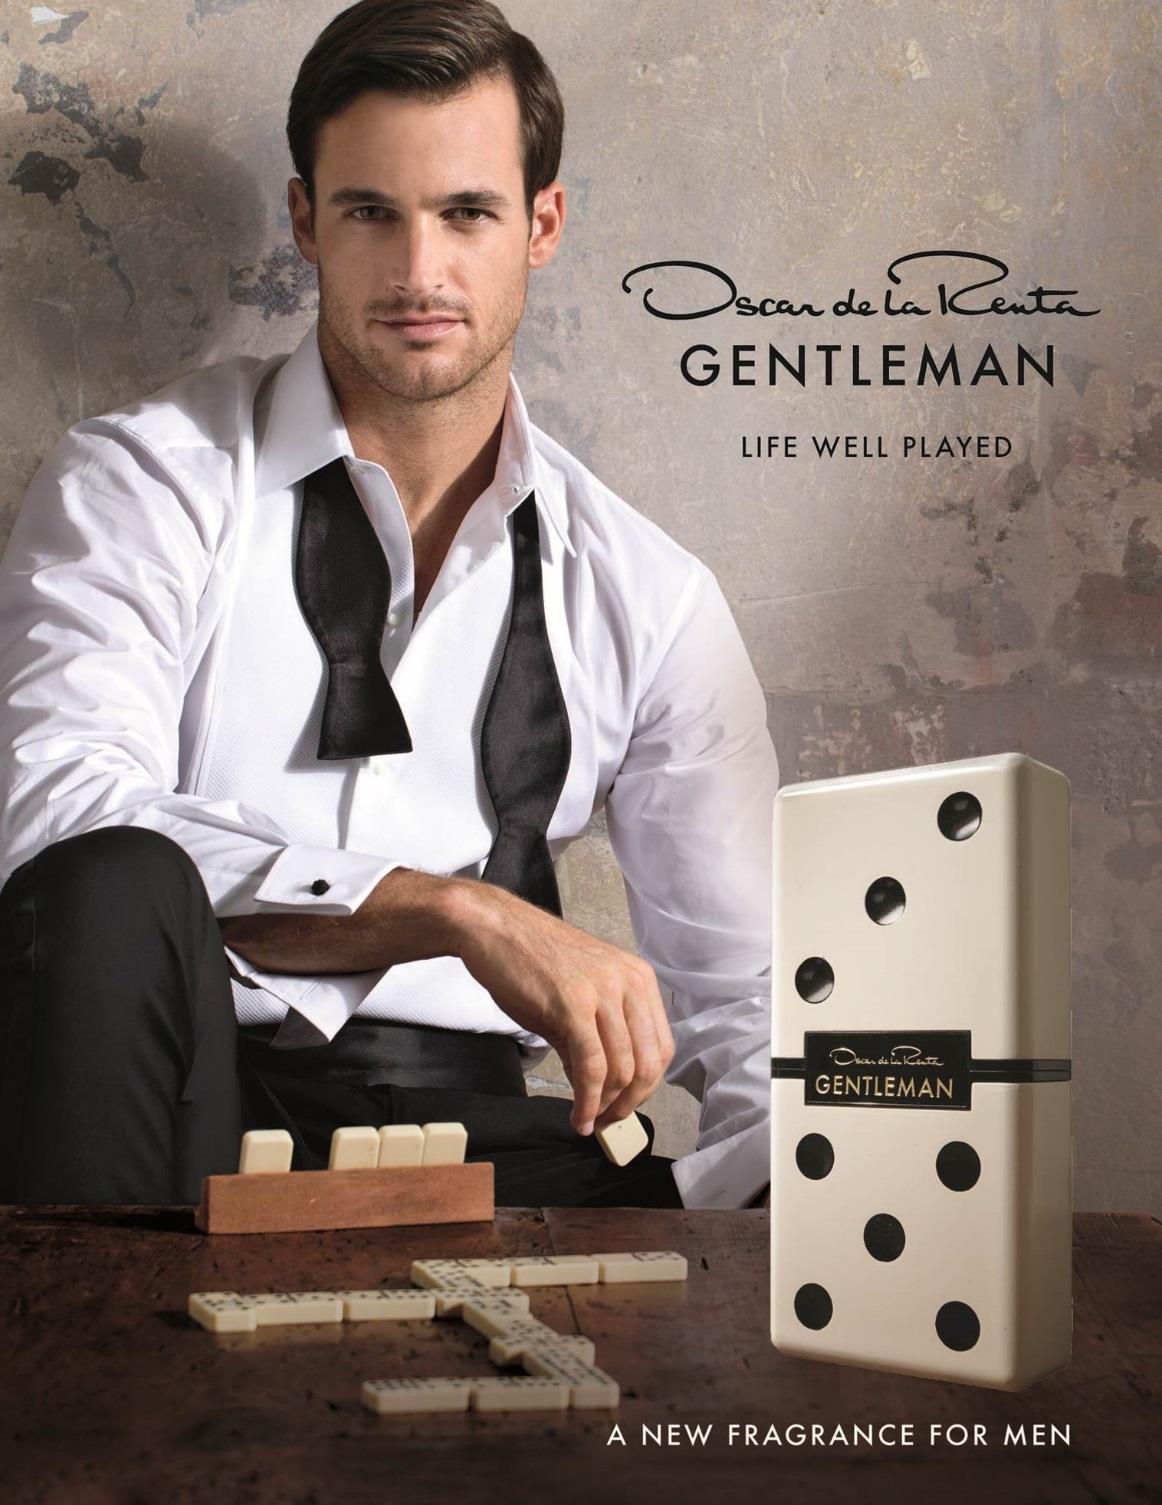 Gentleman Oscar De La Renta Cologne Un Nouveau Parfum